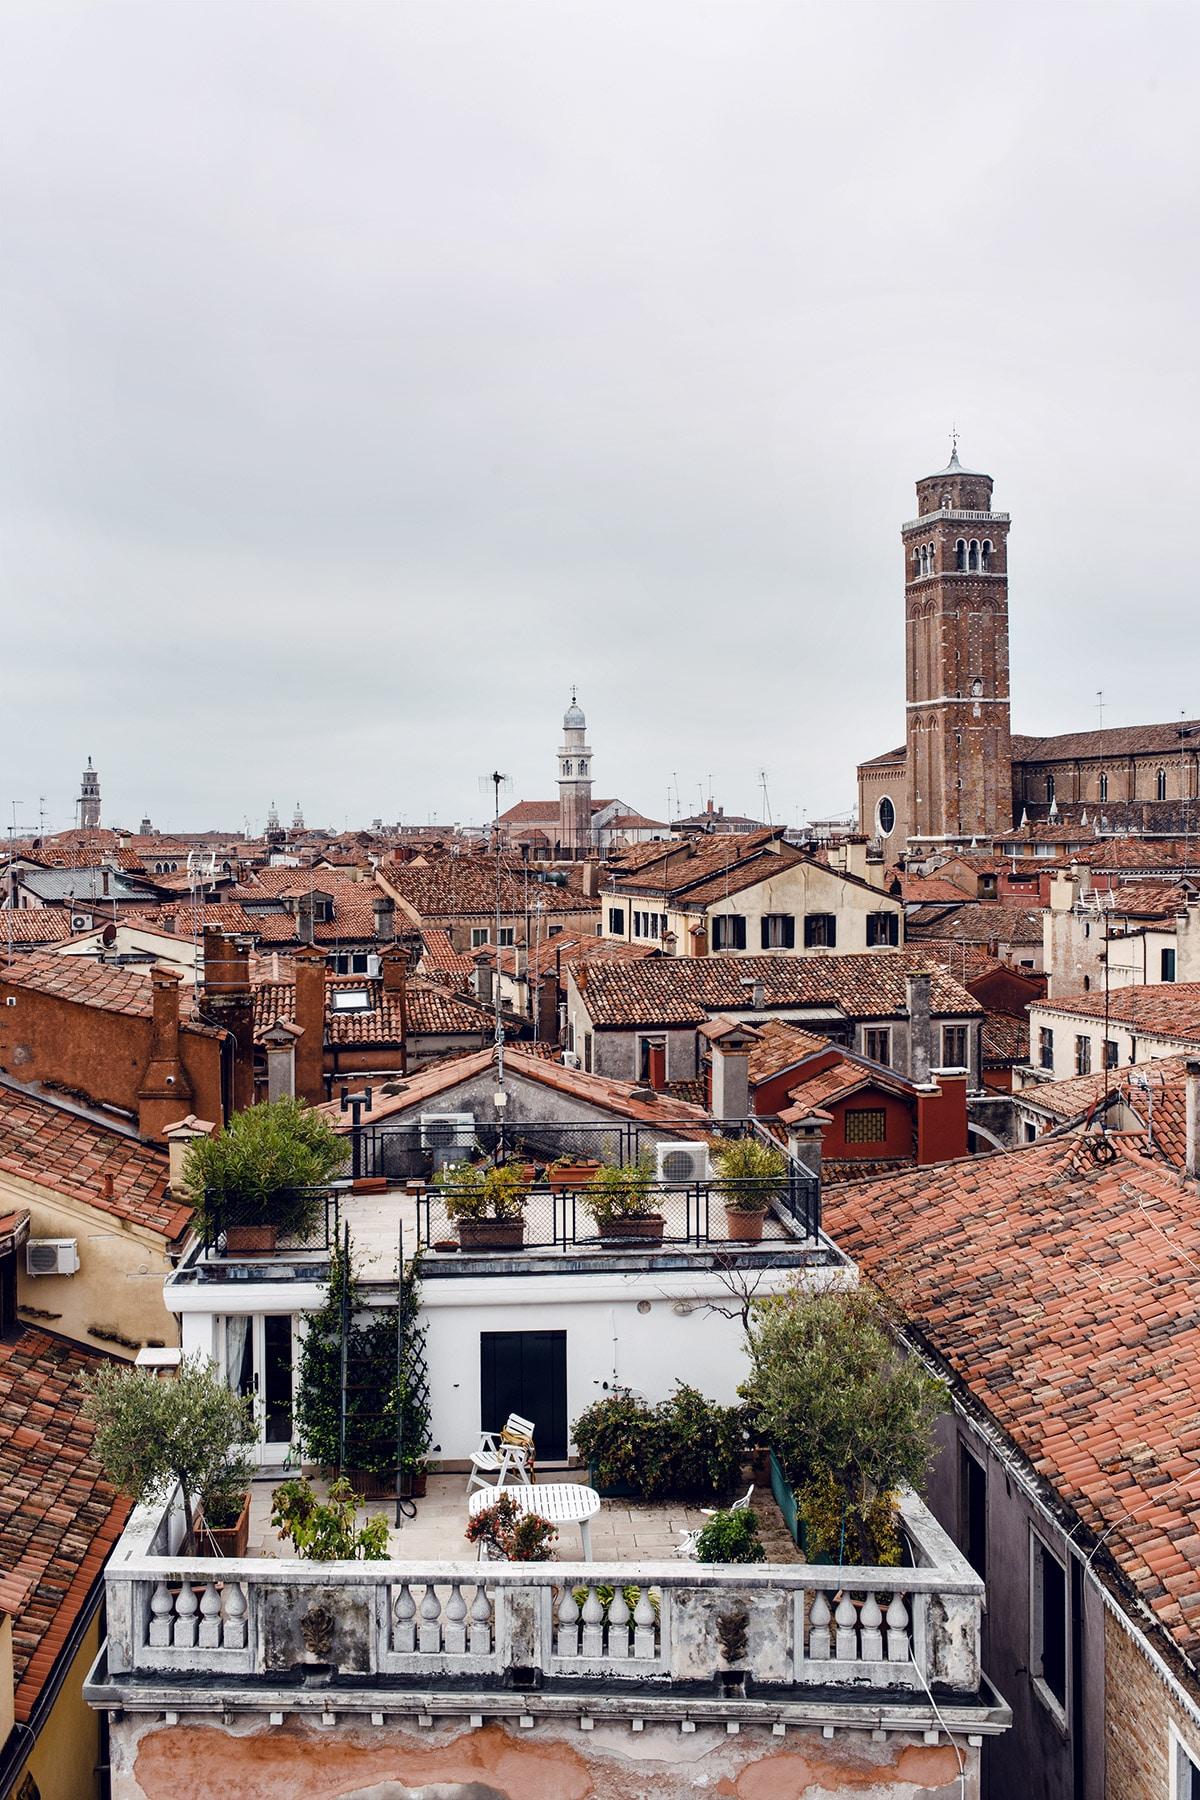 Vue sur les toits de Venise et la Basilique dei Frari